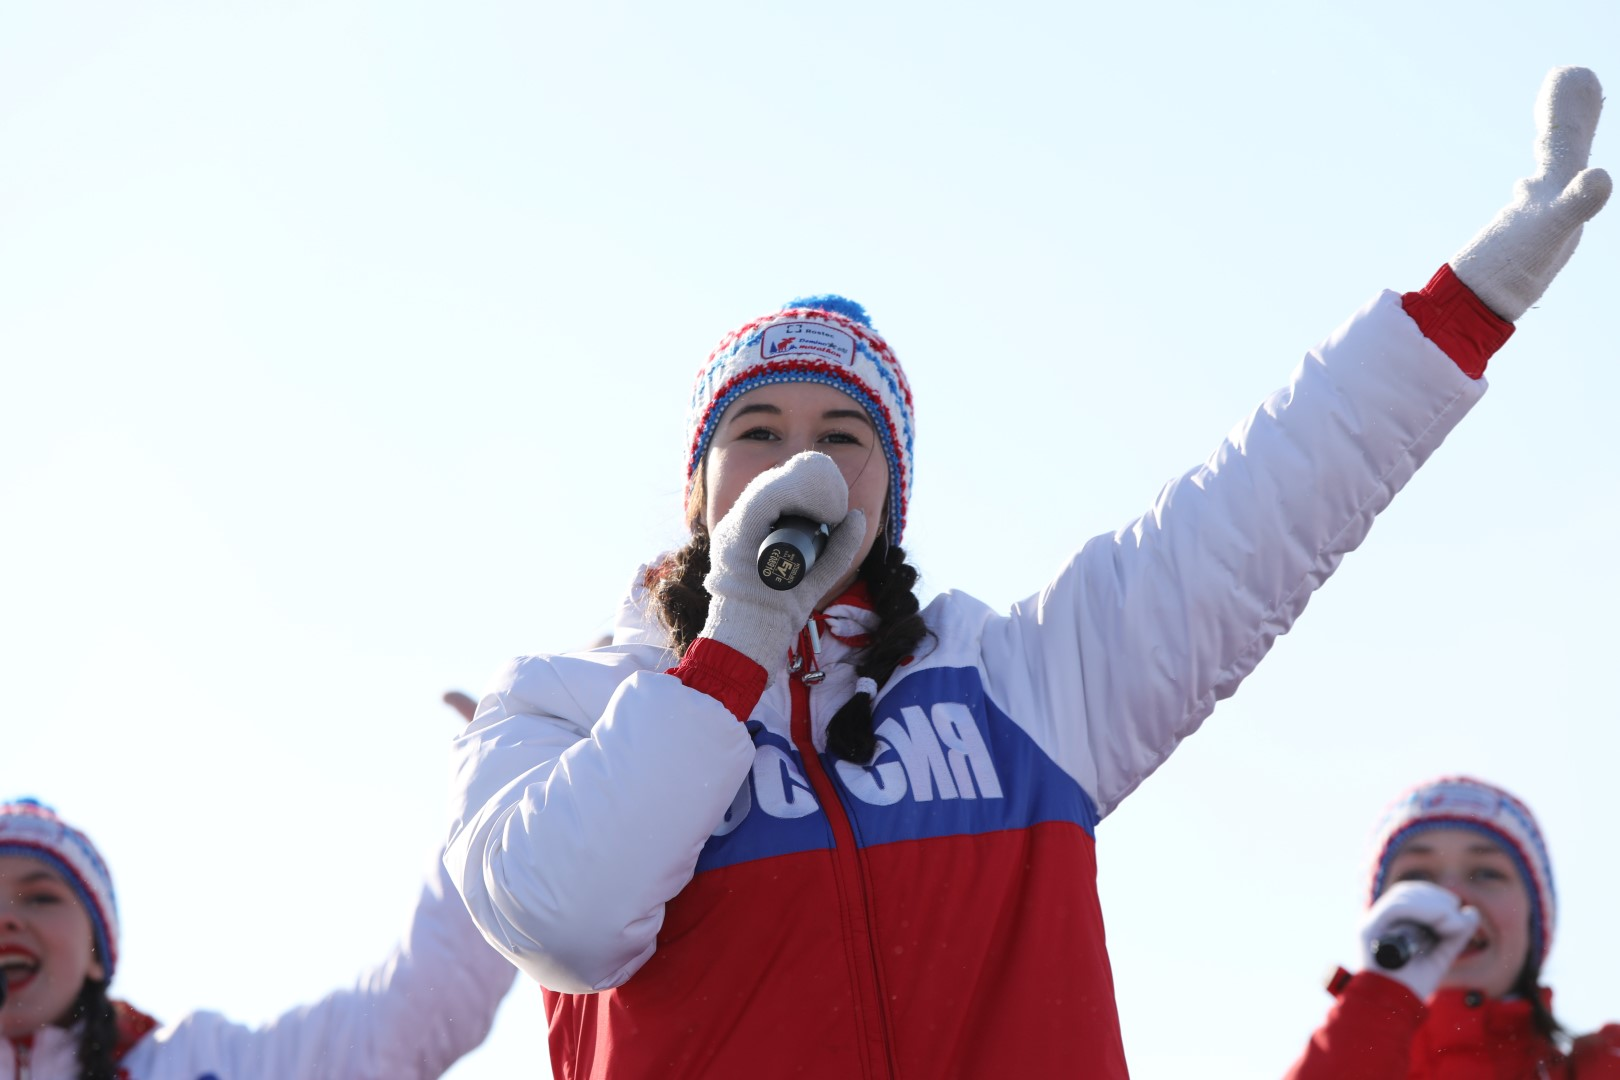 Дмитрий Миронов дал старт XIV Международному Деминскому лыжному марафону